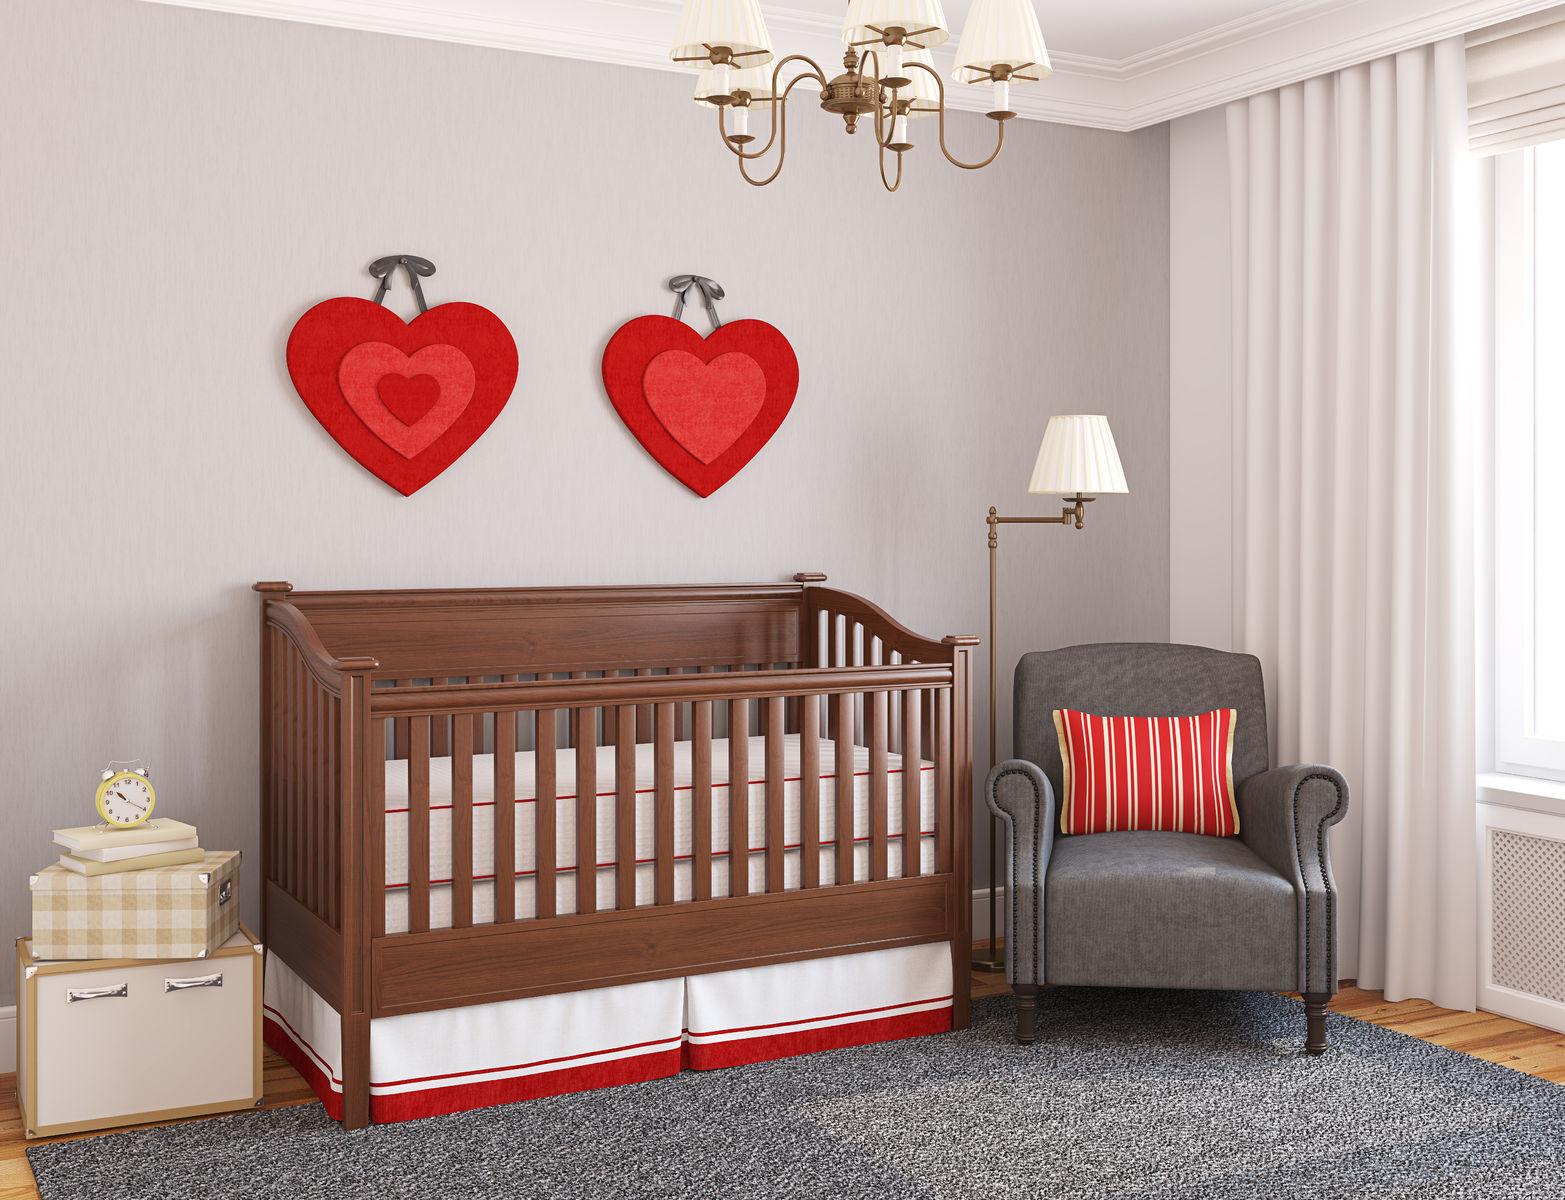 nursery room crib